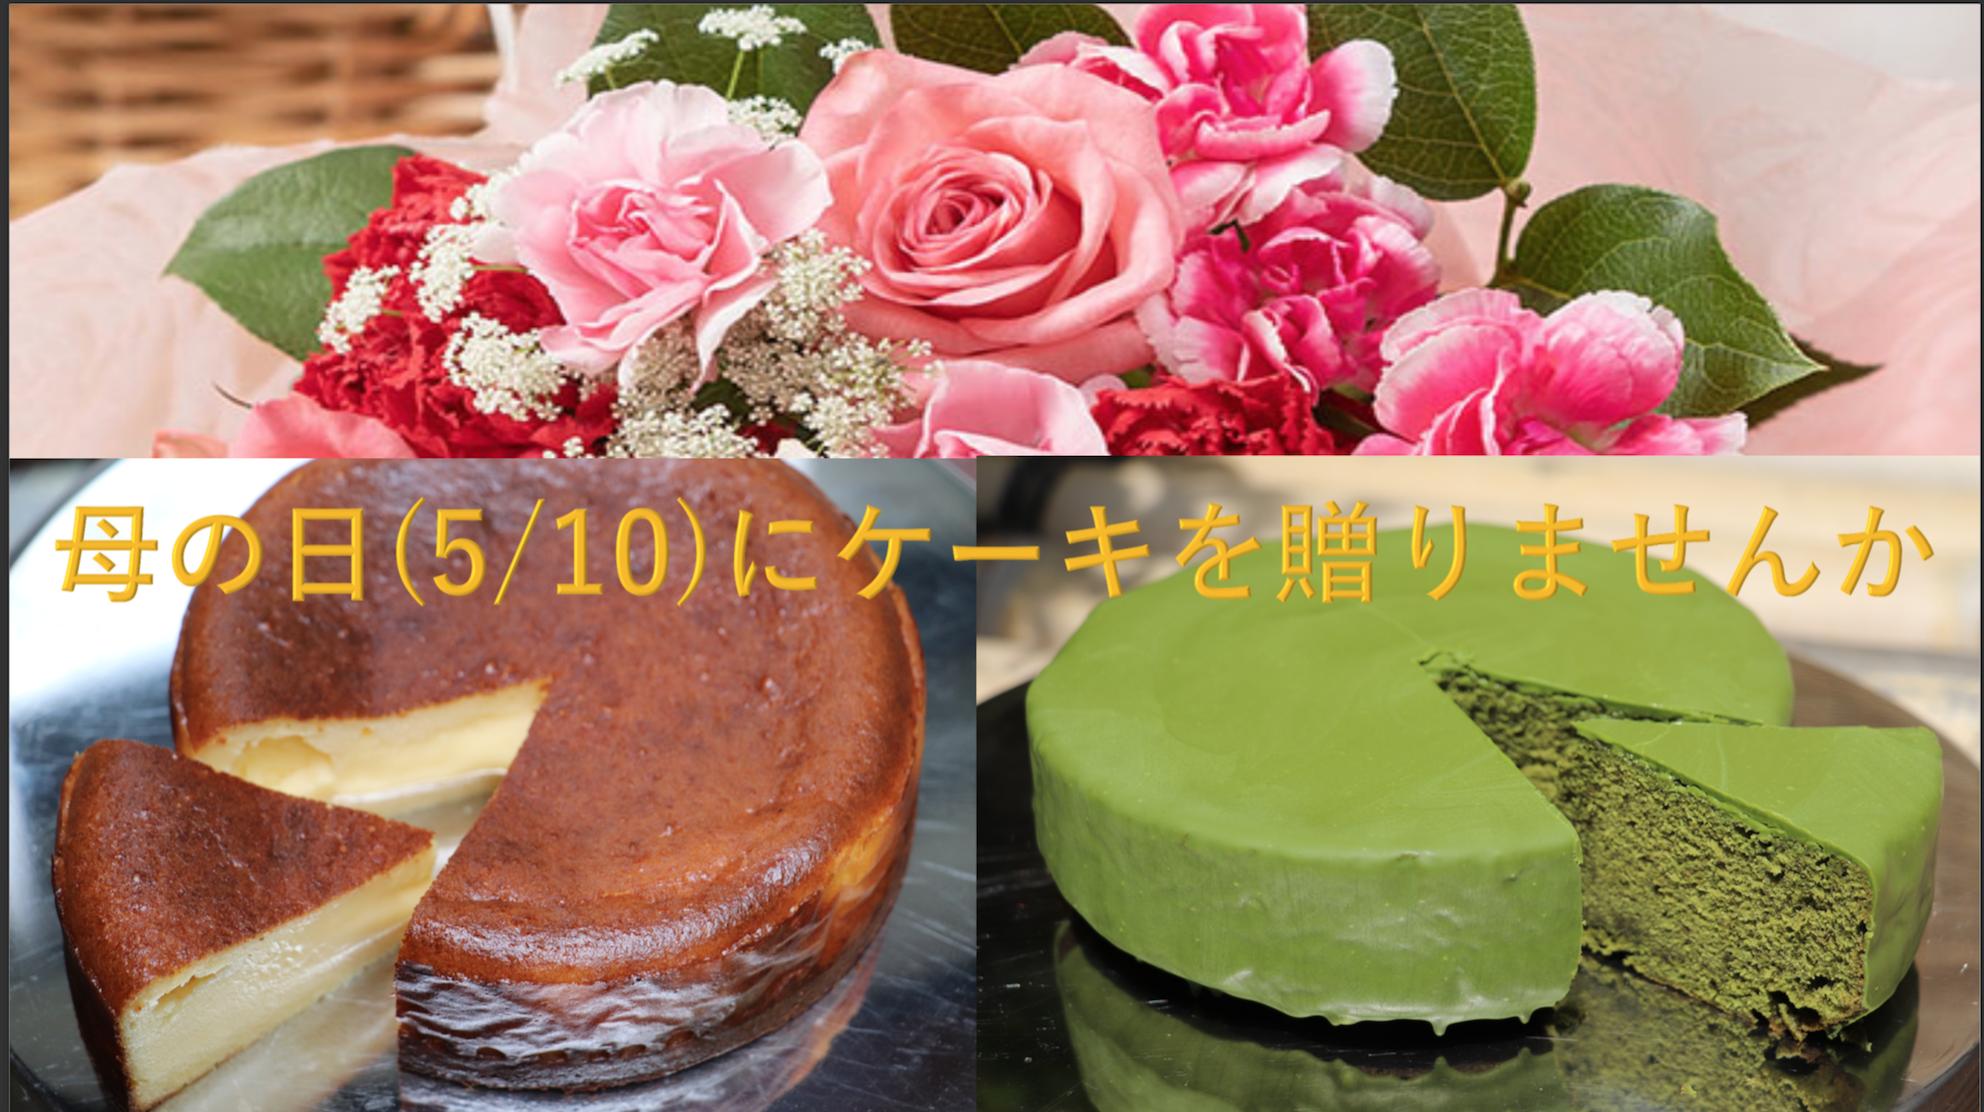 京都の宿・オーベルジュ麻布、デザート販売開始!